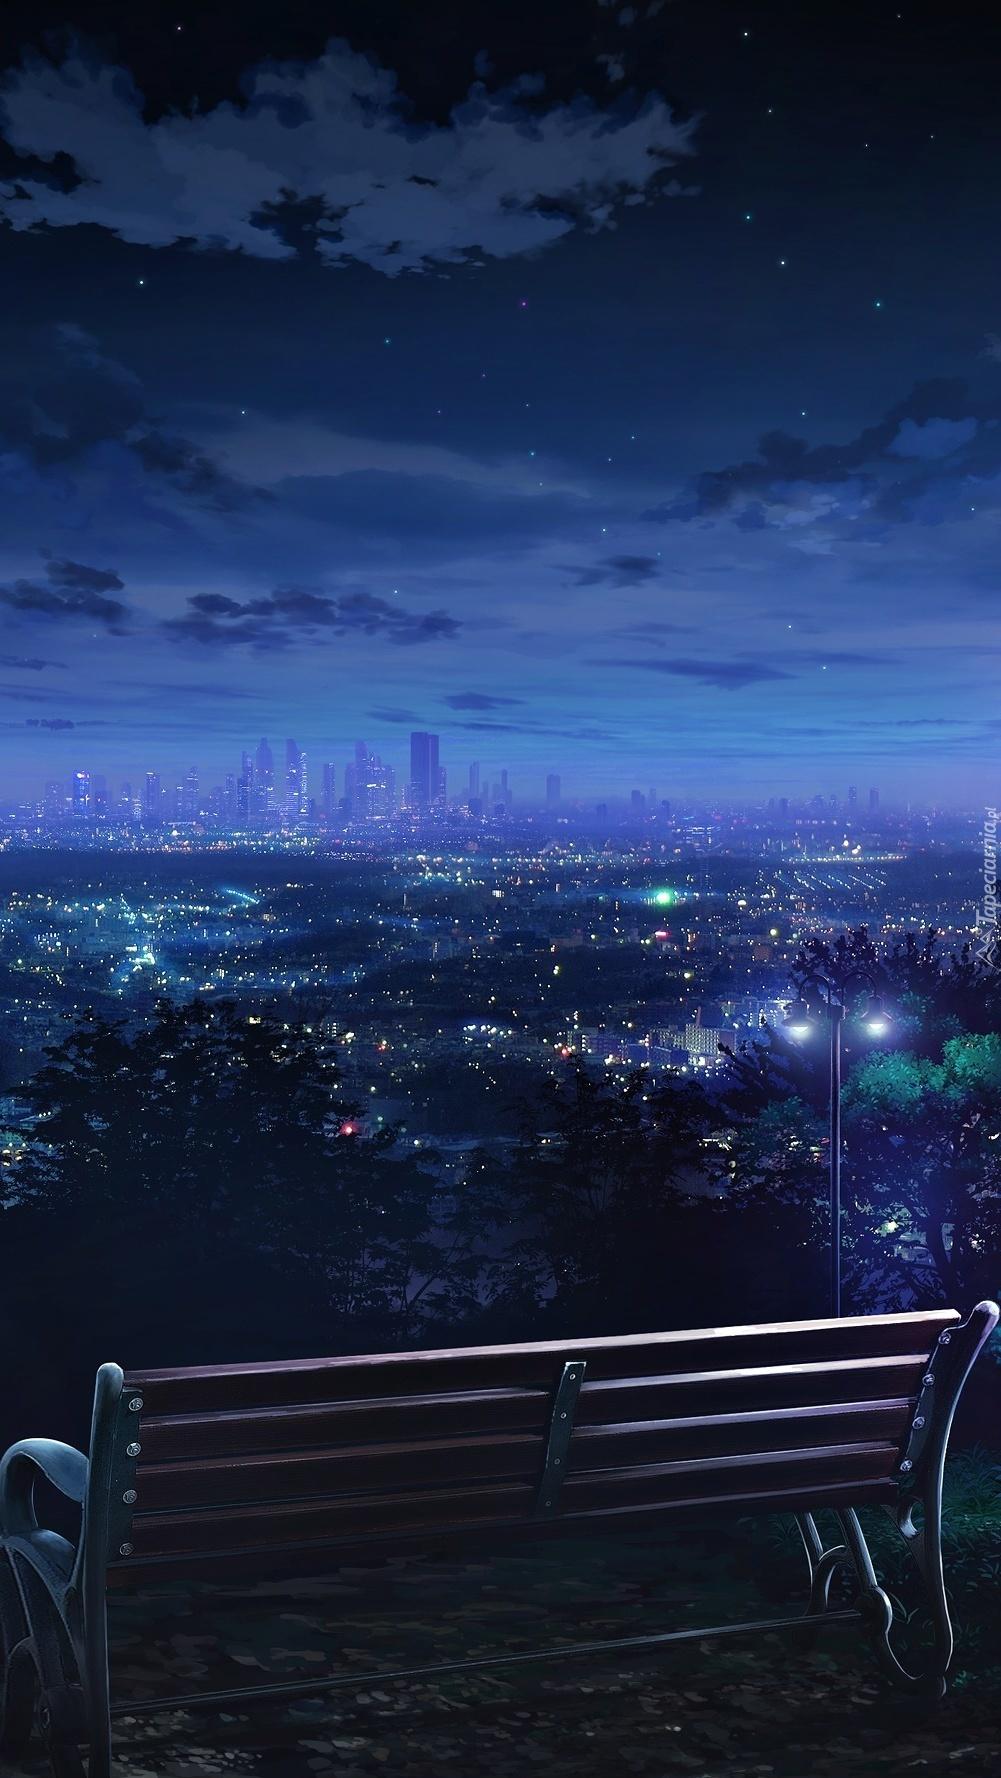 Ławka z widokiem na panoramę miasta nocą